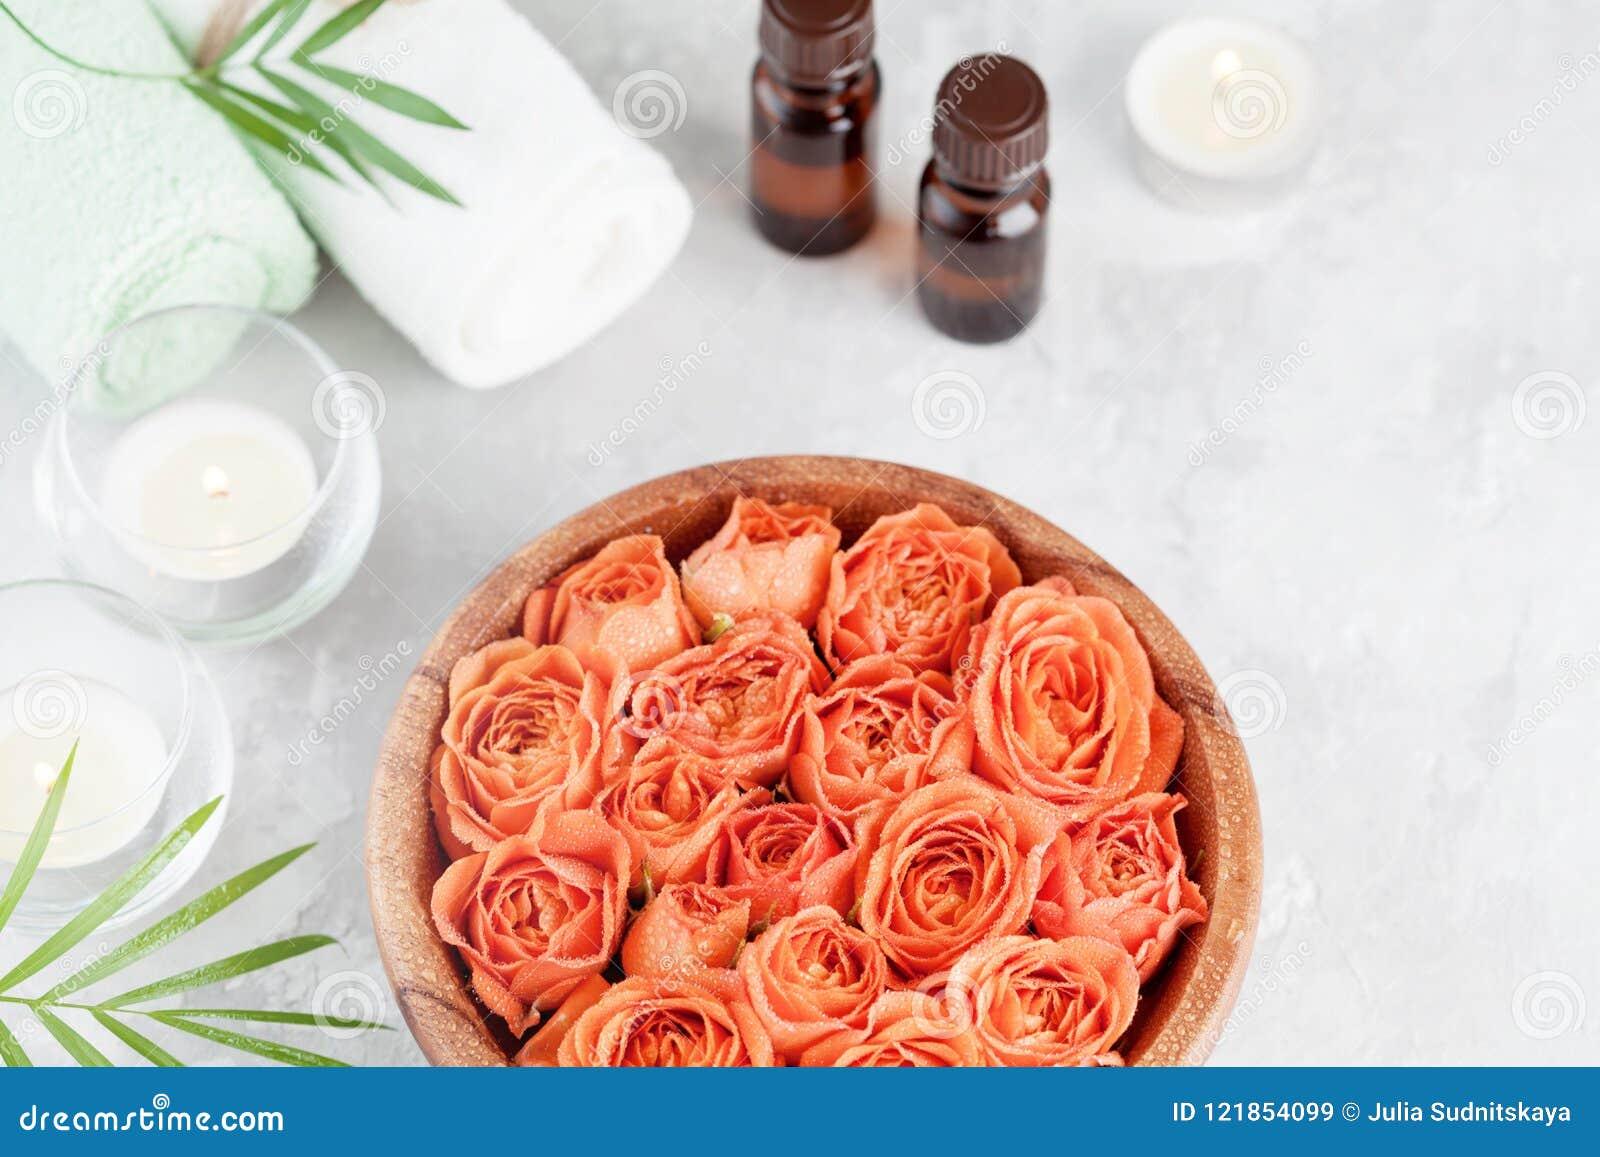 滚保龄球与新鲜弄湿温泉、健康和芳香疗法的玫瑰色和精油瓶